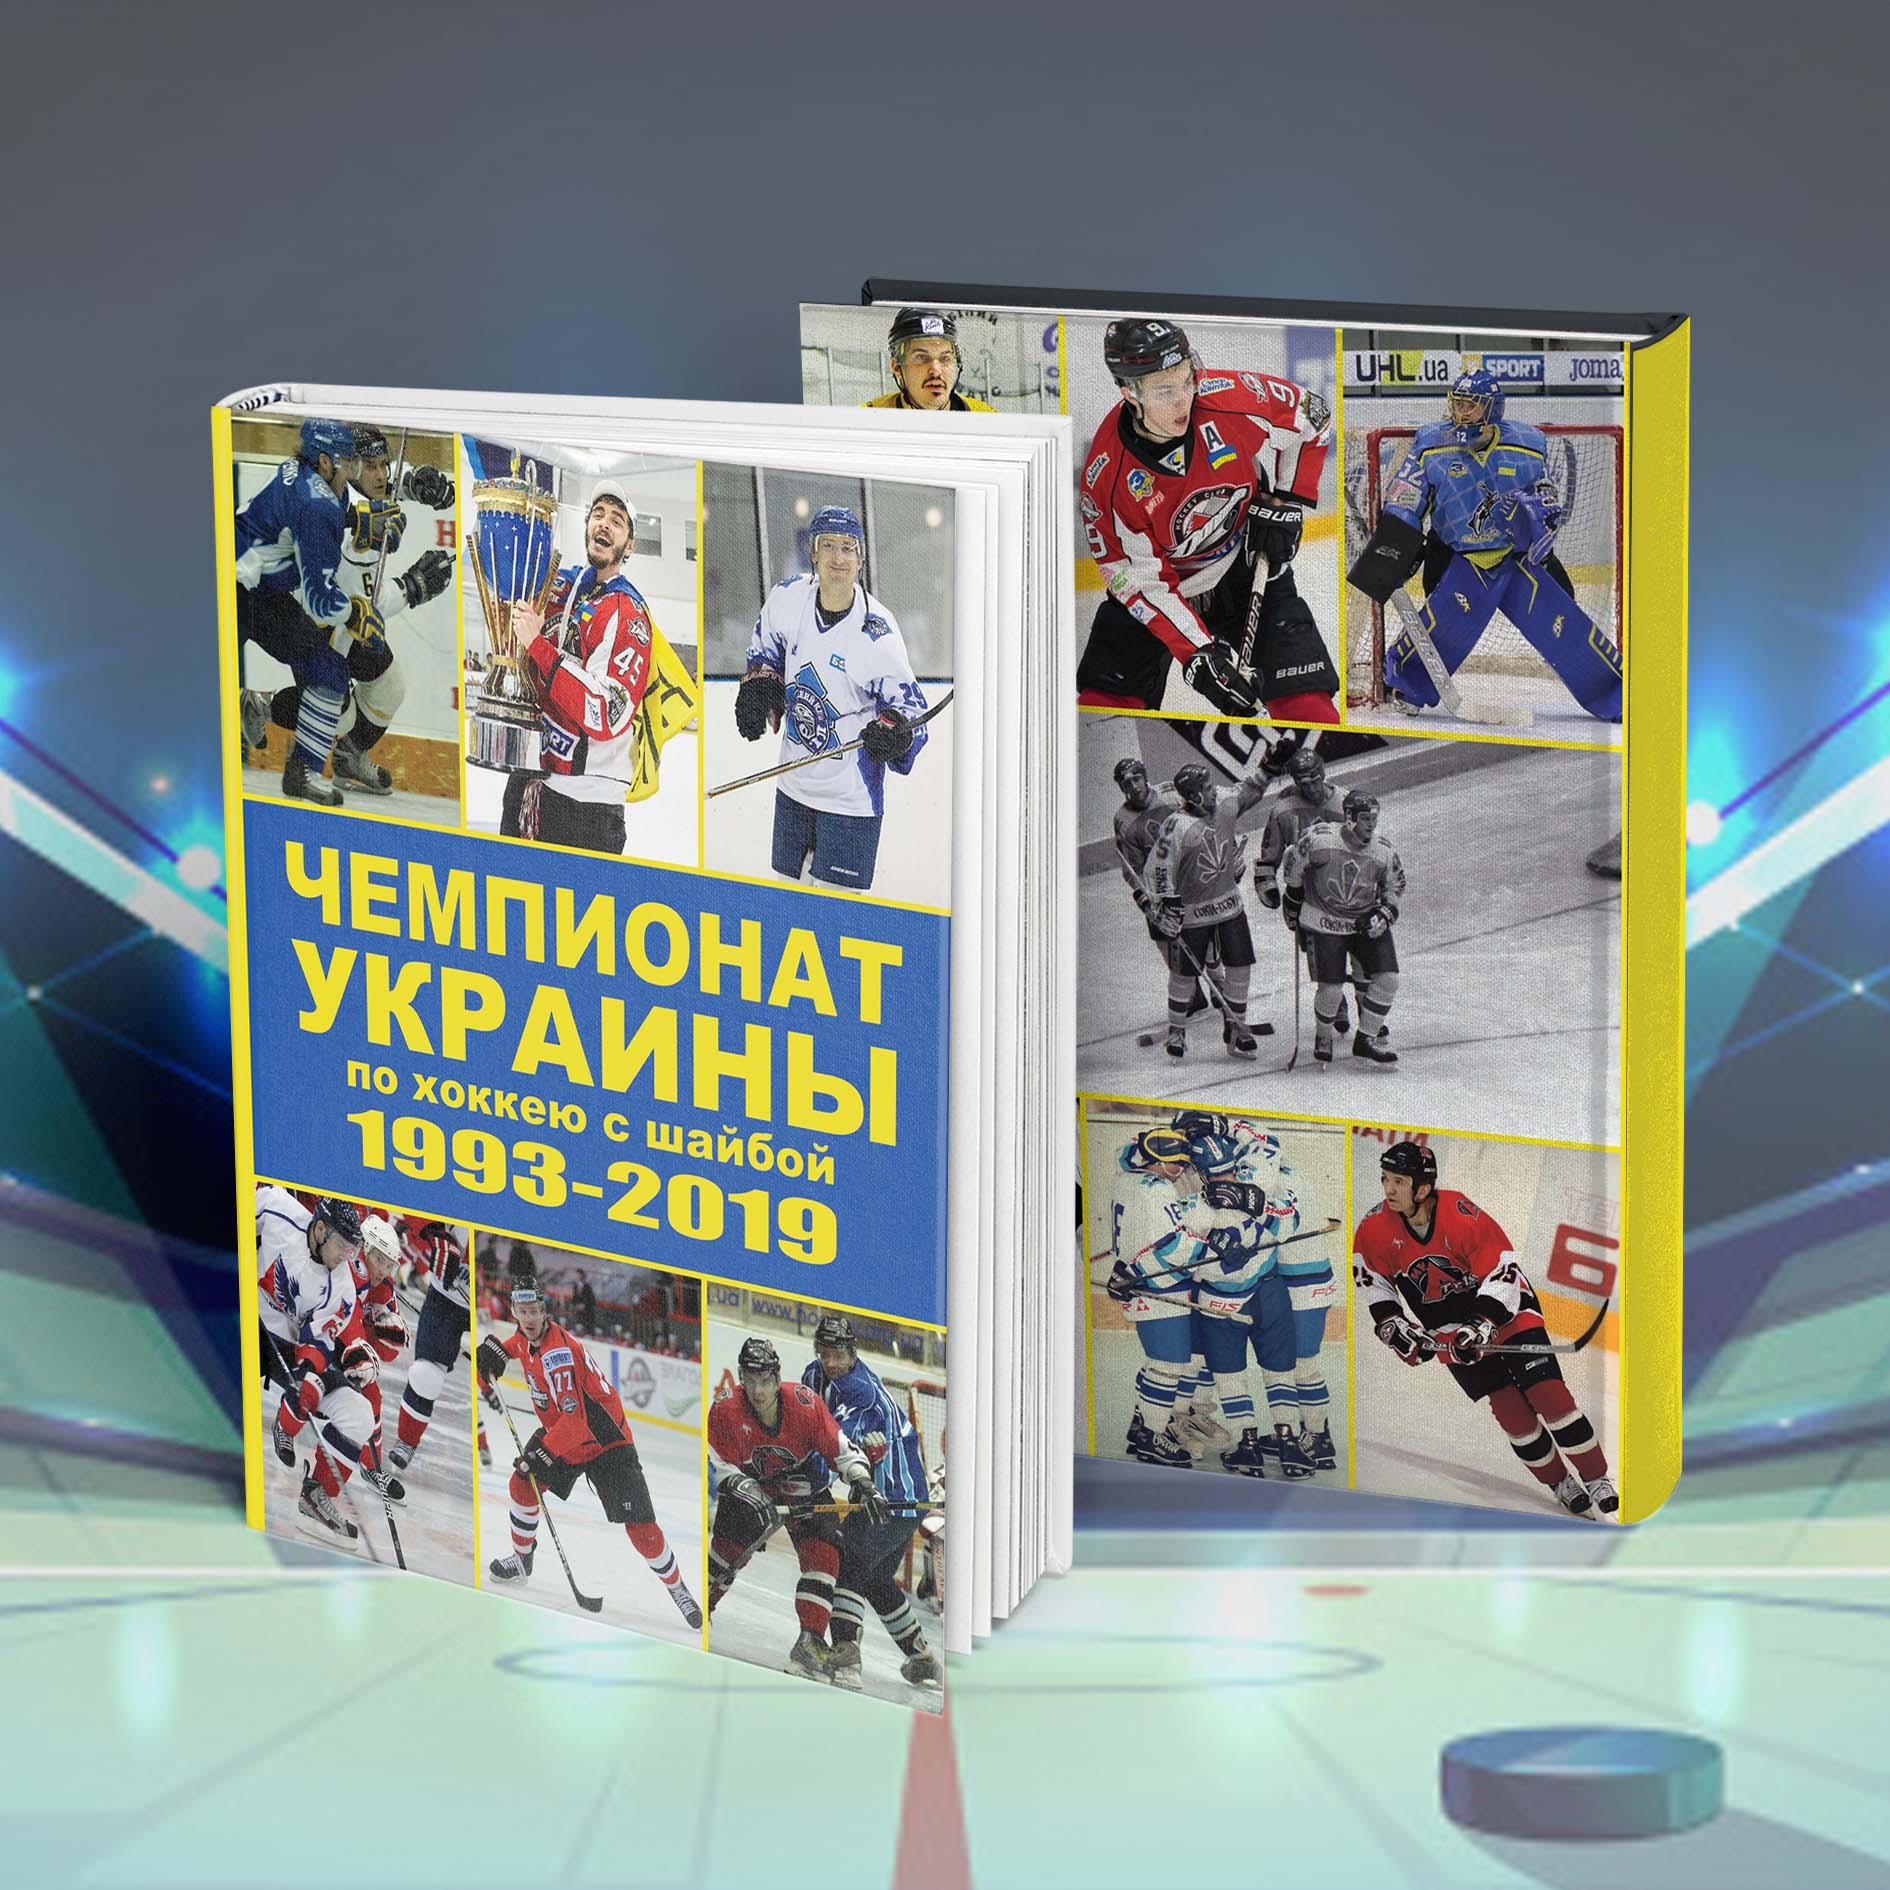 Чемпионат Украины по хоккею с шайбой. 1993–2019 гг.